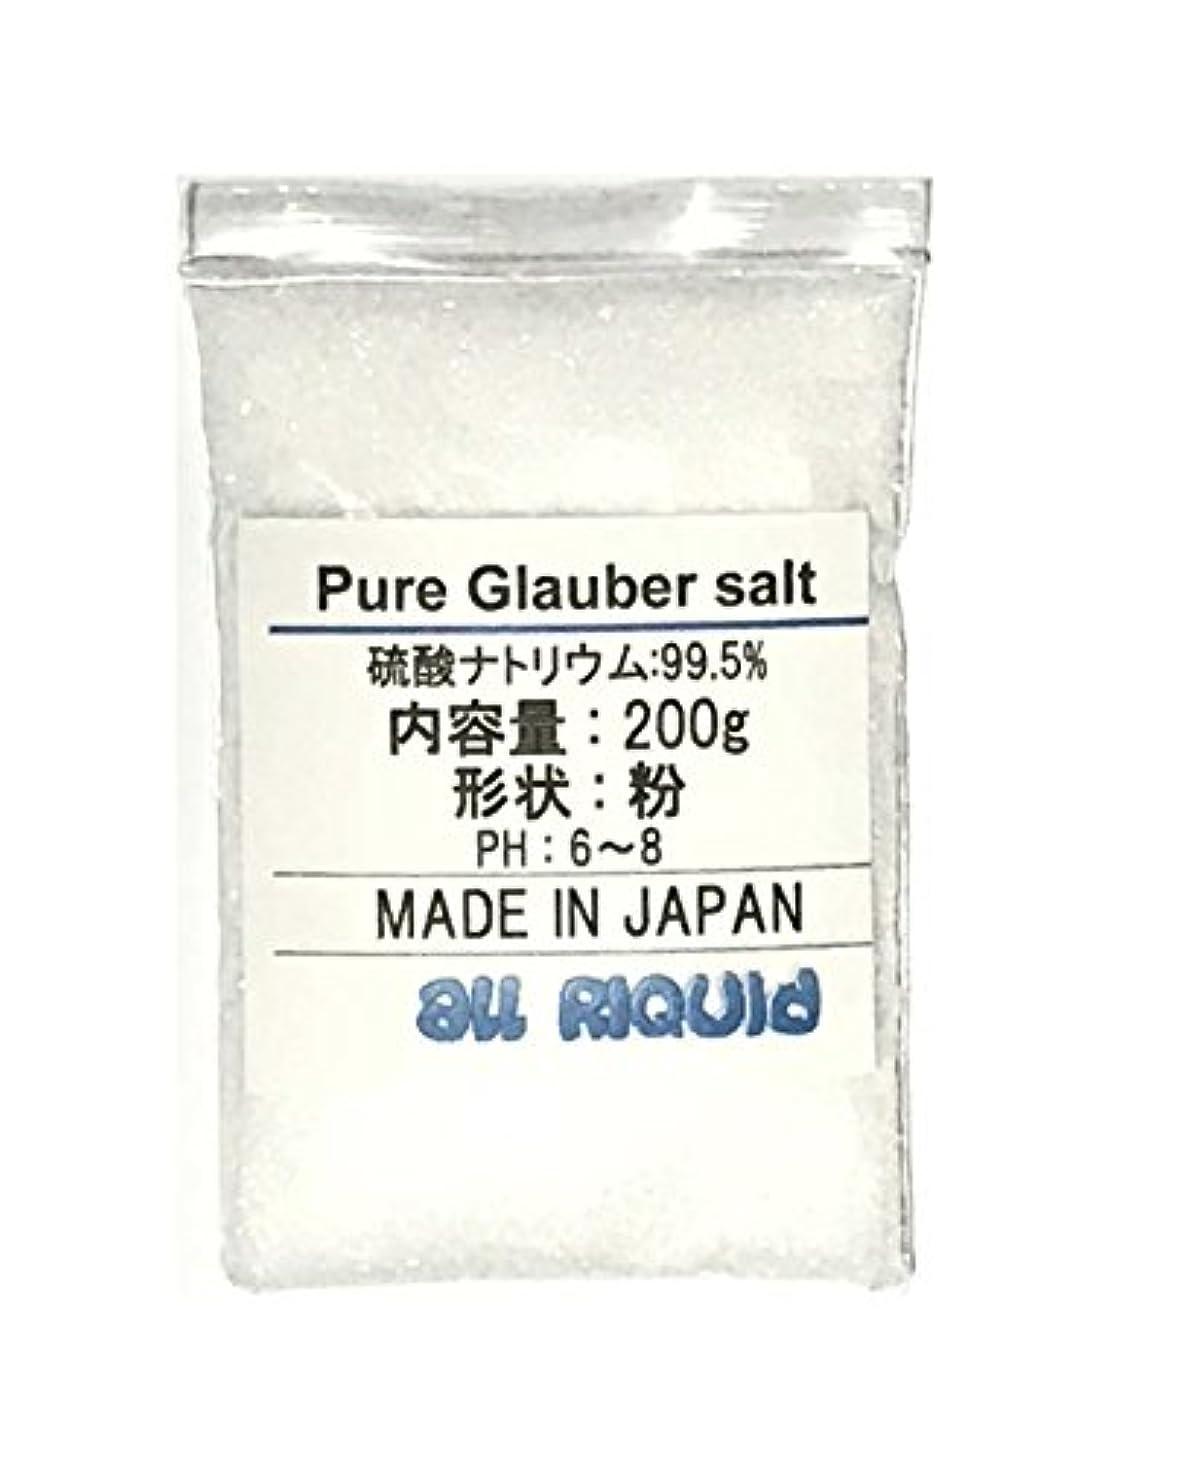 はぁ間謝罪する純 グラウバーソルト 200g (硫酸ナトリウム) 10回分 99.5% 国産品 オールリキッド 芒硝